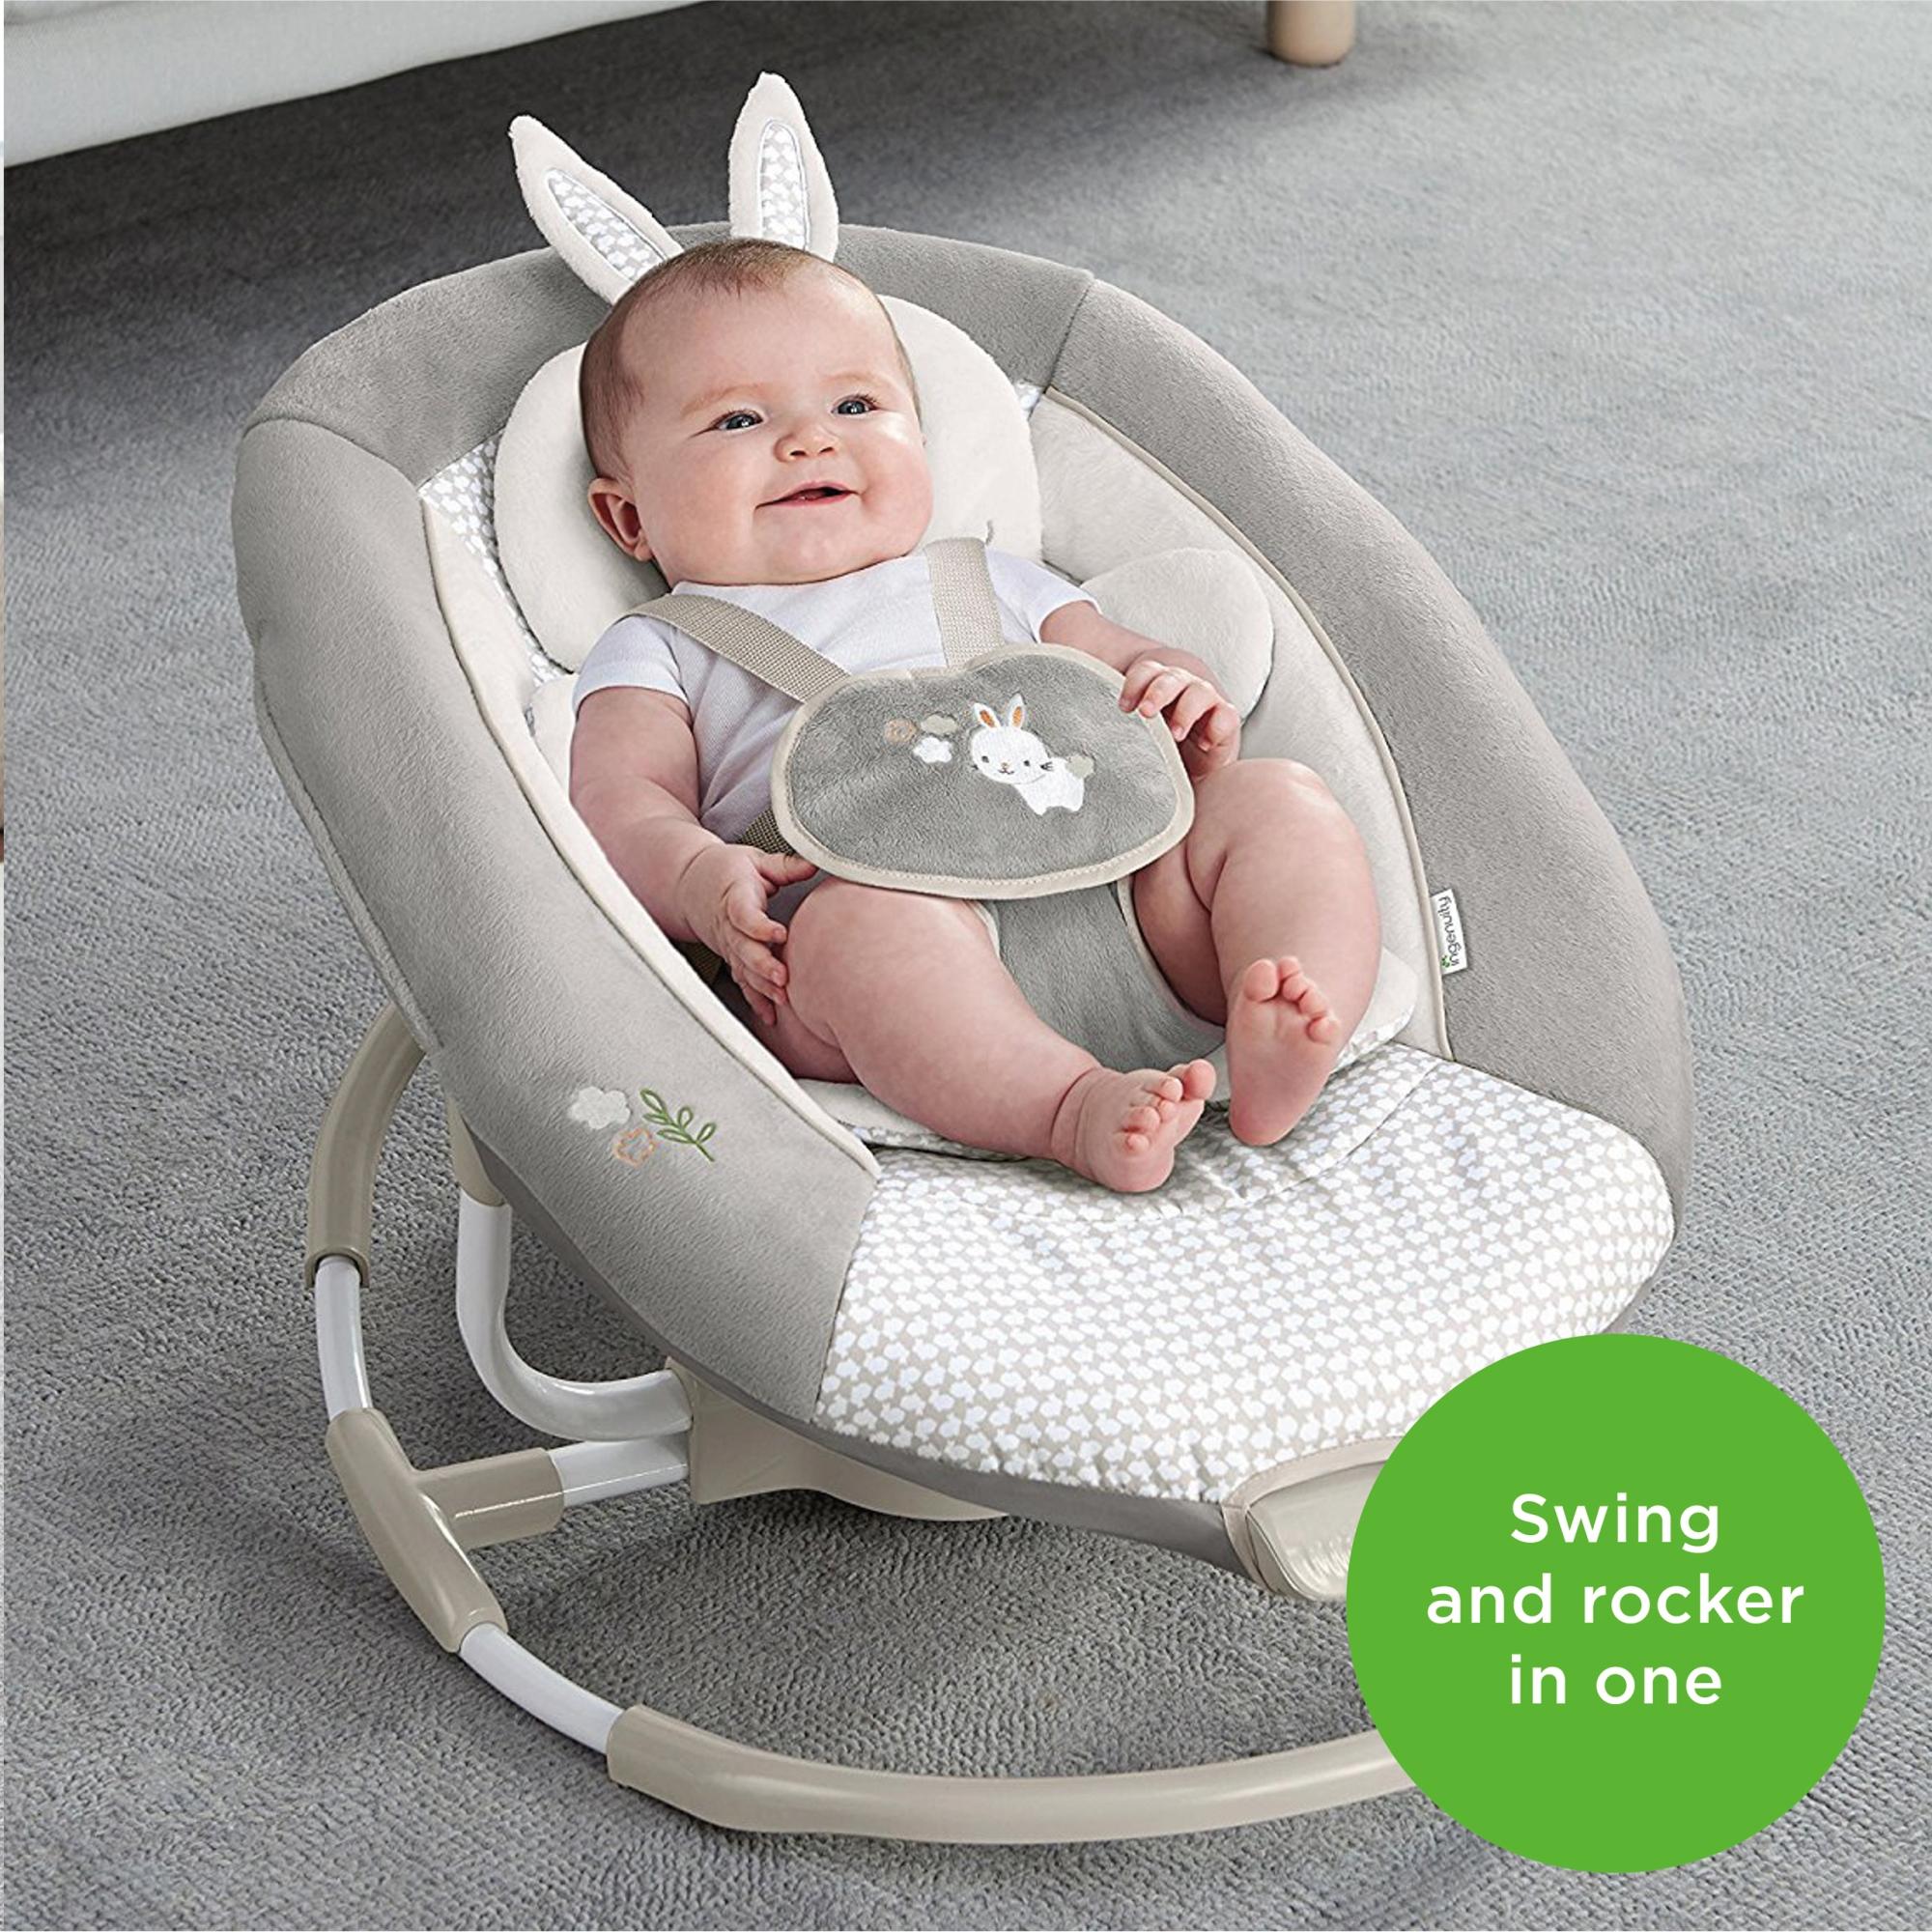 Ingenuity婴儿电动摇摇椅宝宝摇篮躺椅哄睡抖音哄娃神器安抚摇床